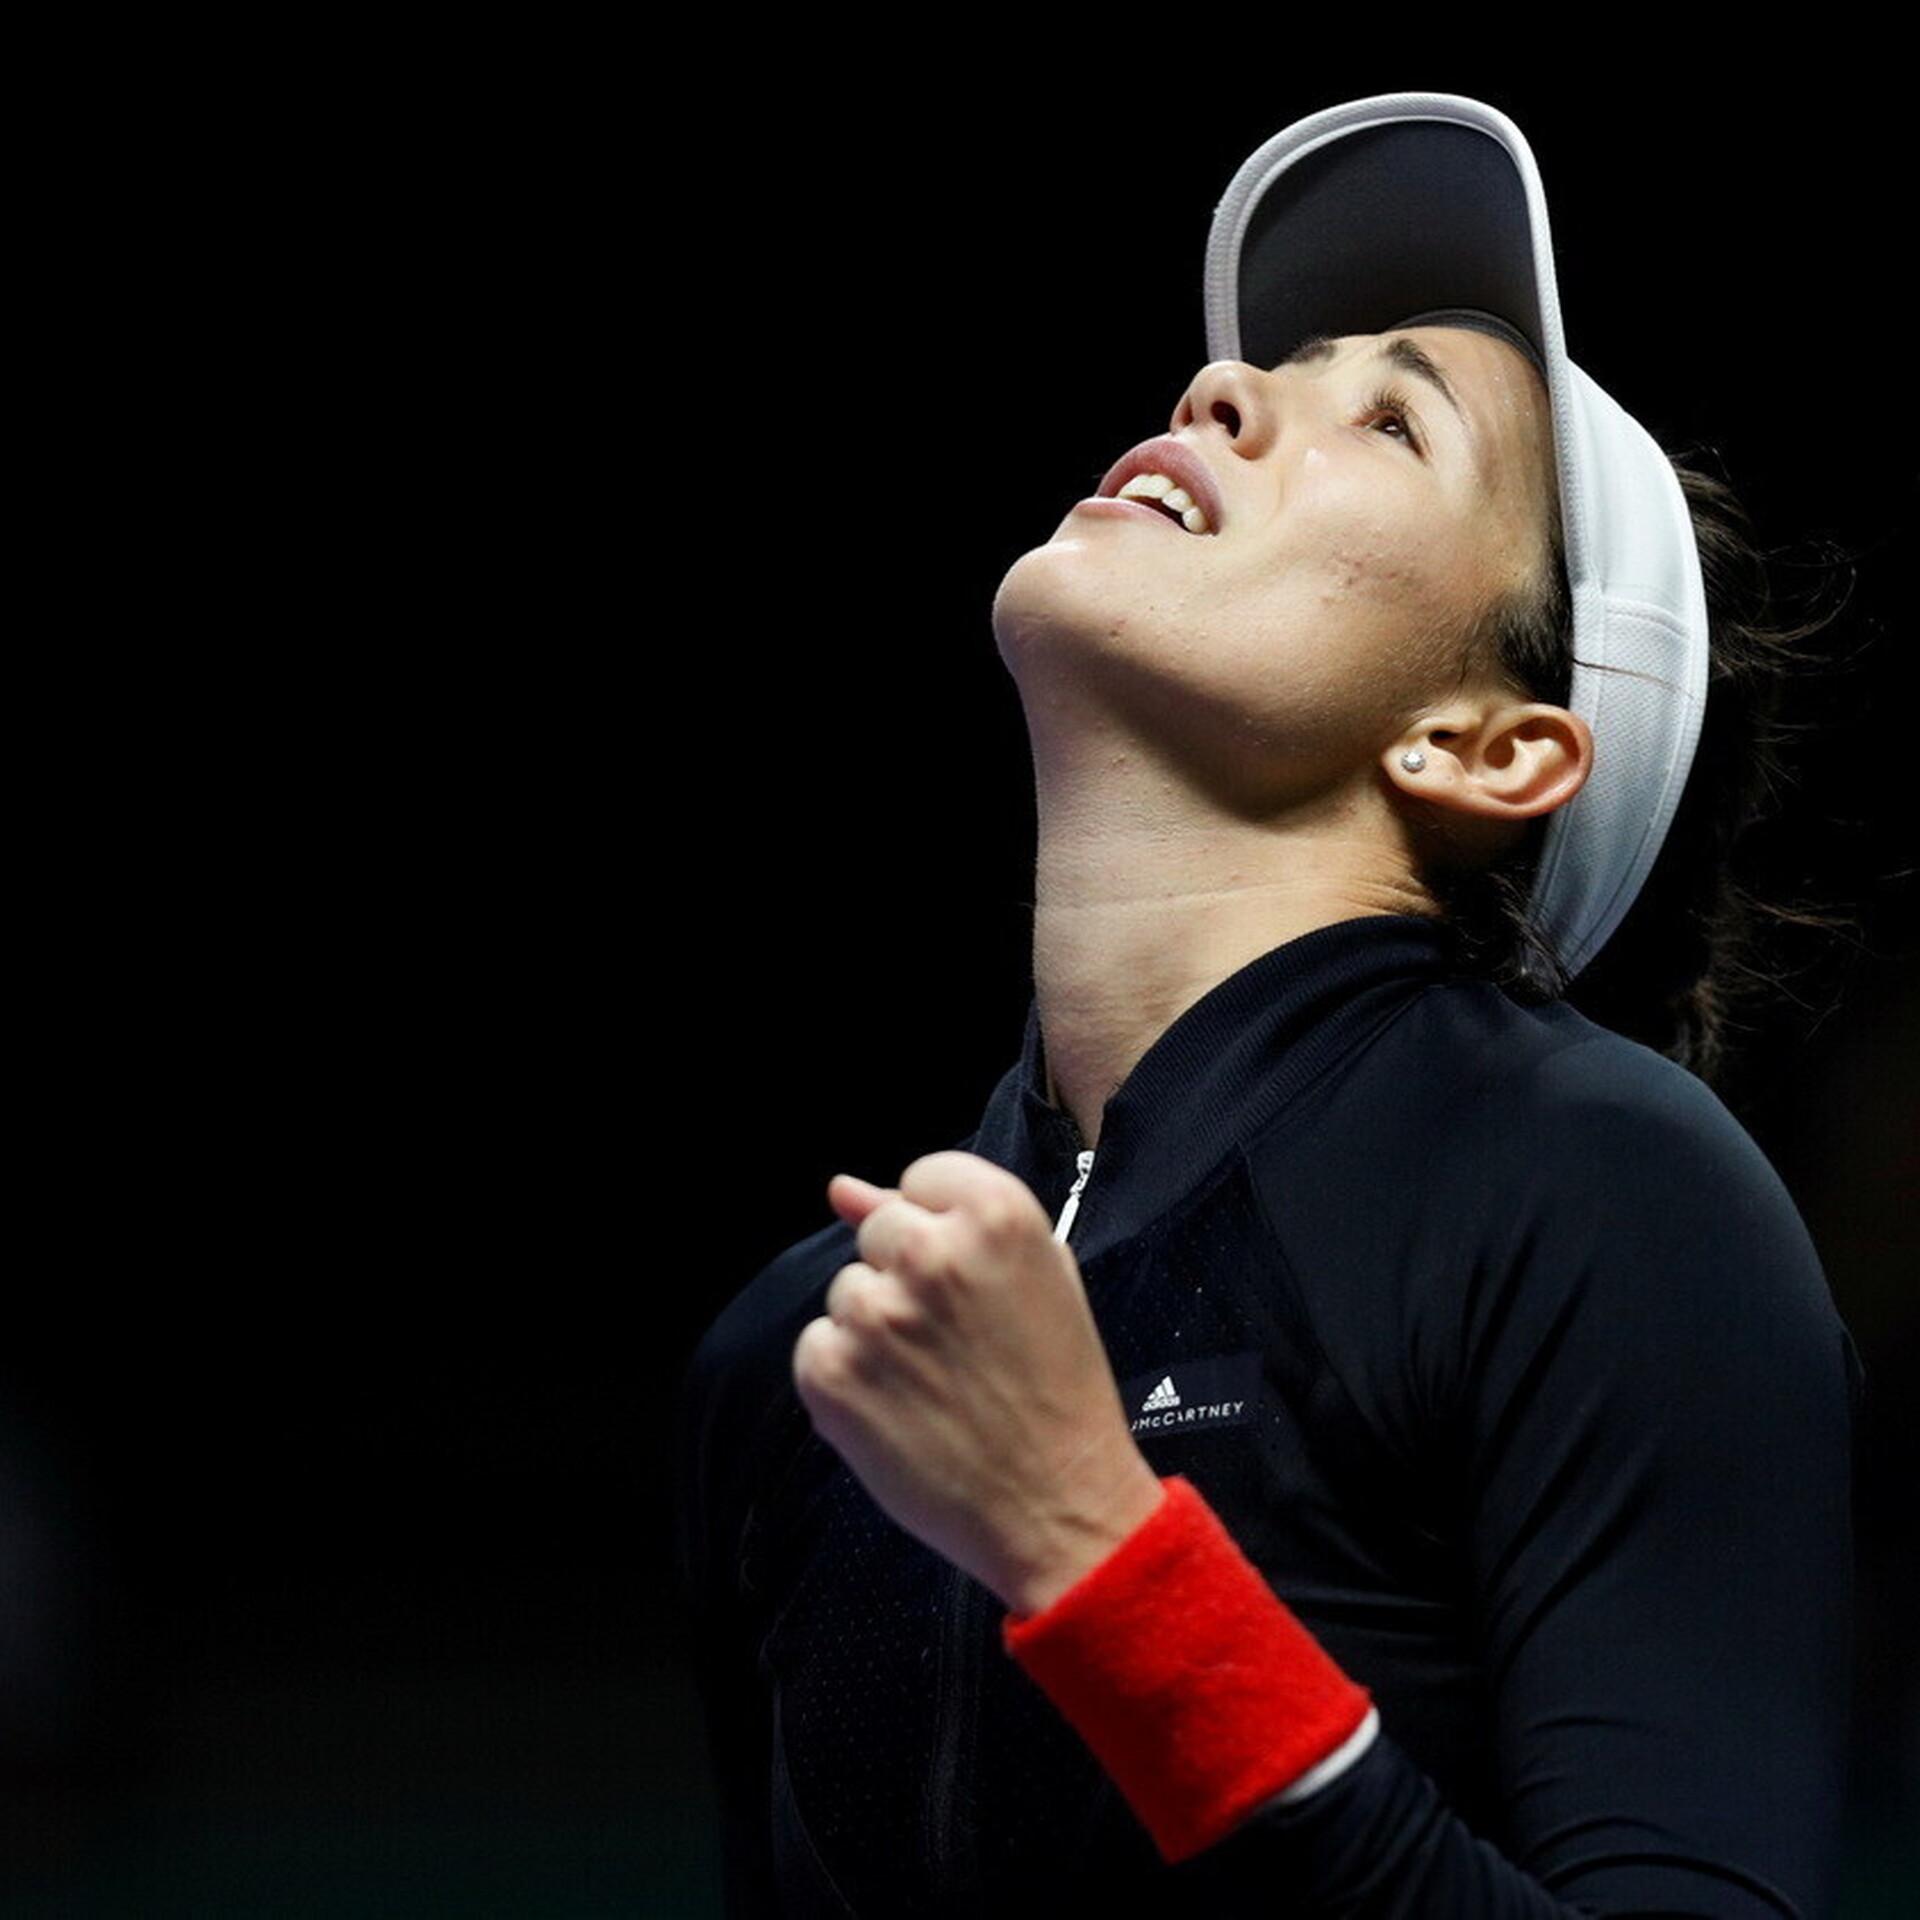 Pliškova ja Muguruza alustasid WTA finaalturniiri võidukalt  13e1e734a9fcc